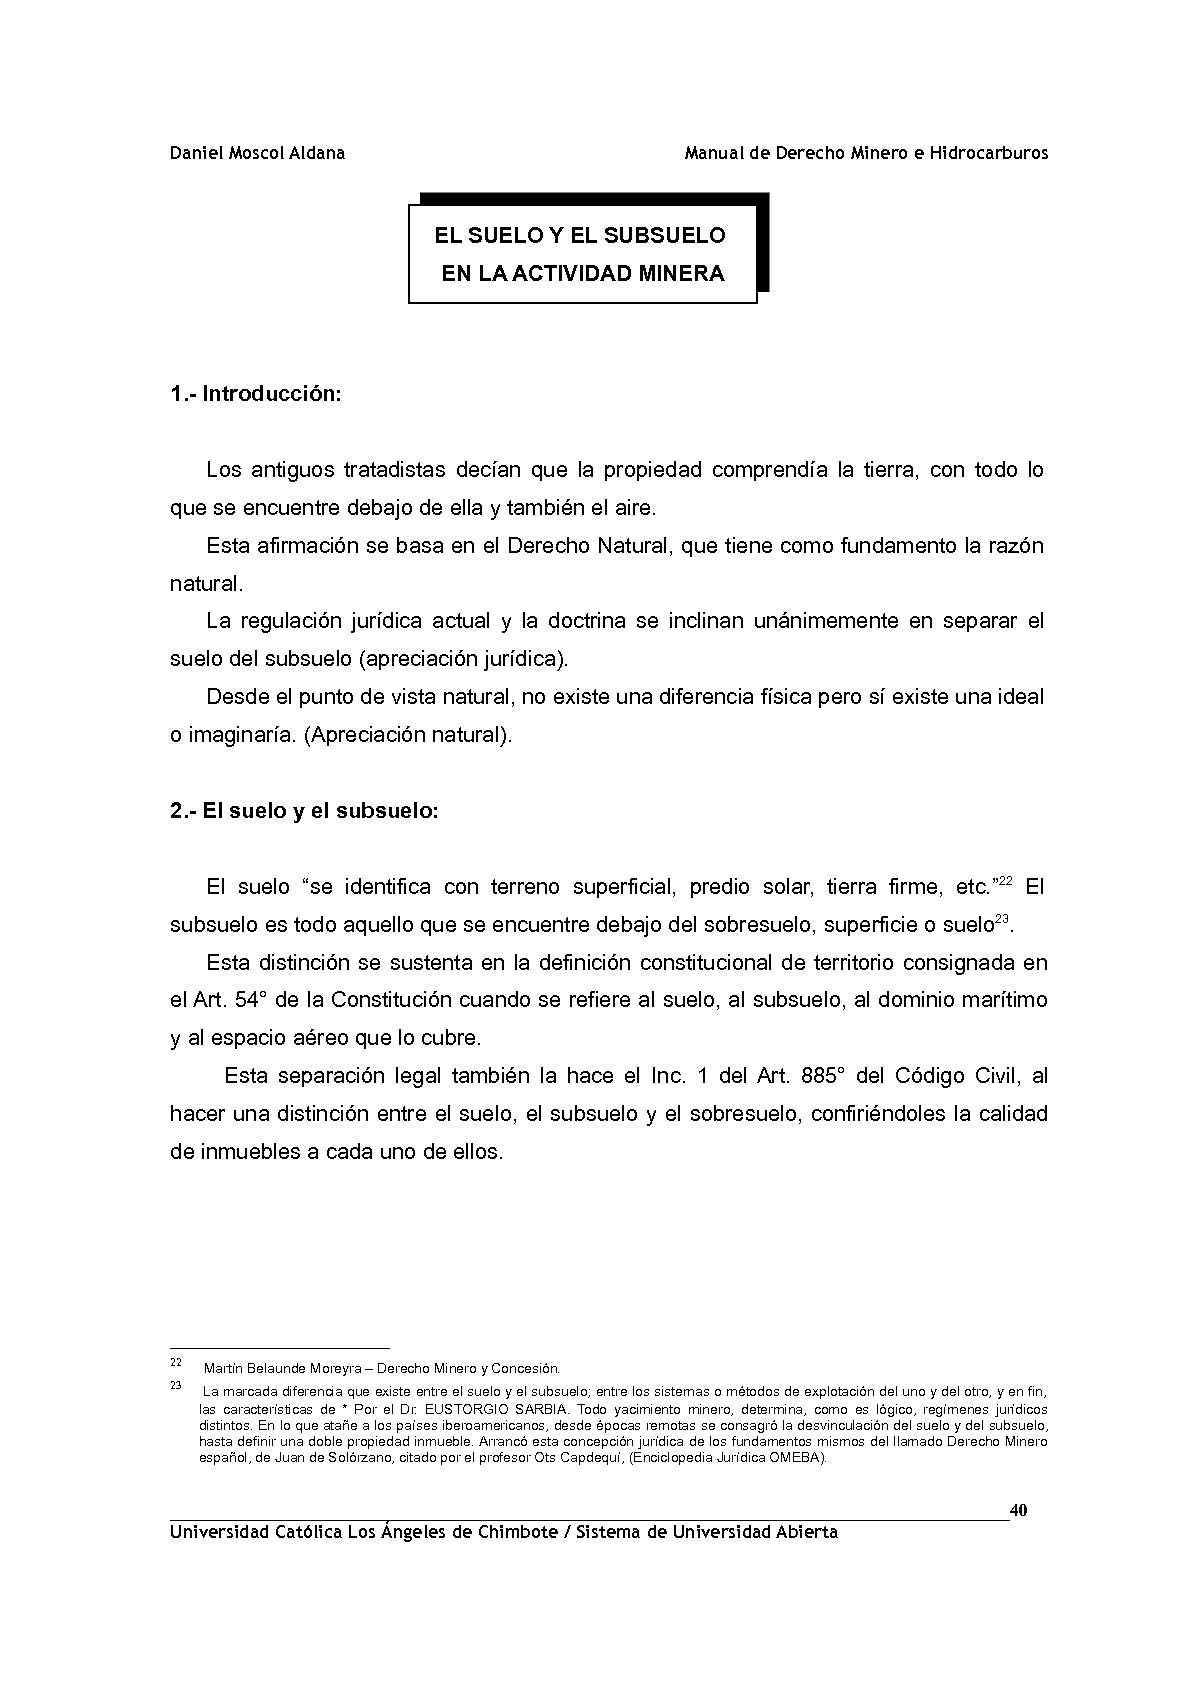 Manual De Derecho Minero E Hidrocarburos Calameo Downloader # Muebles Nullius